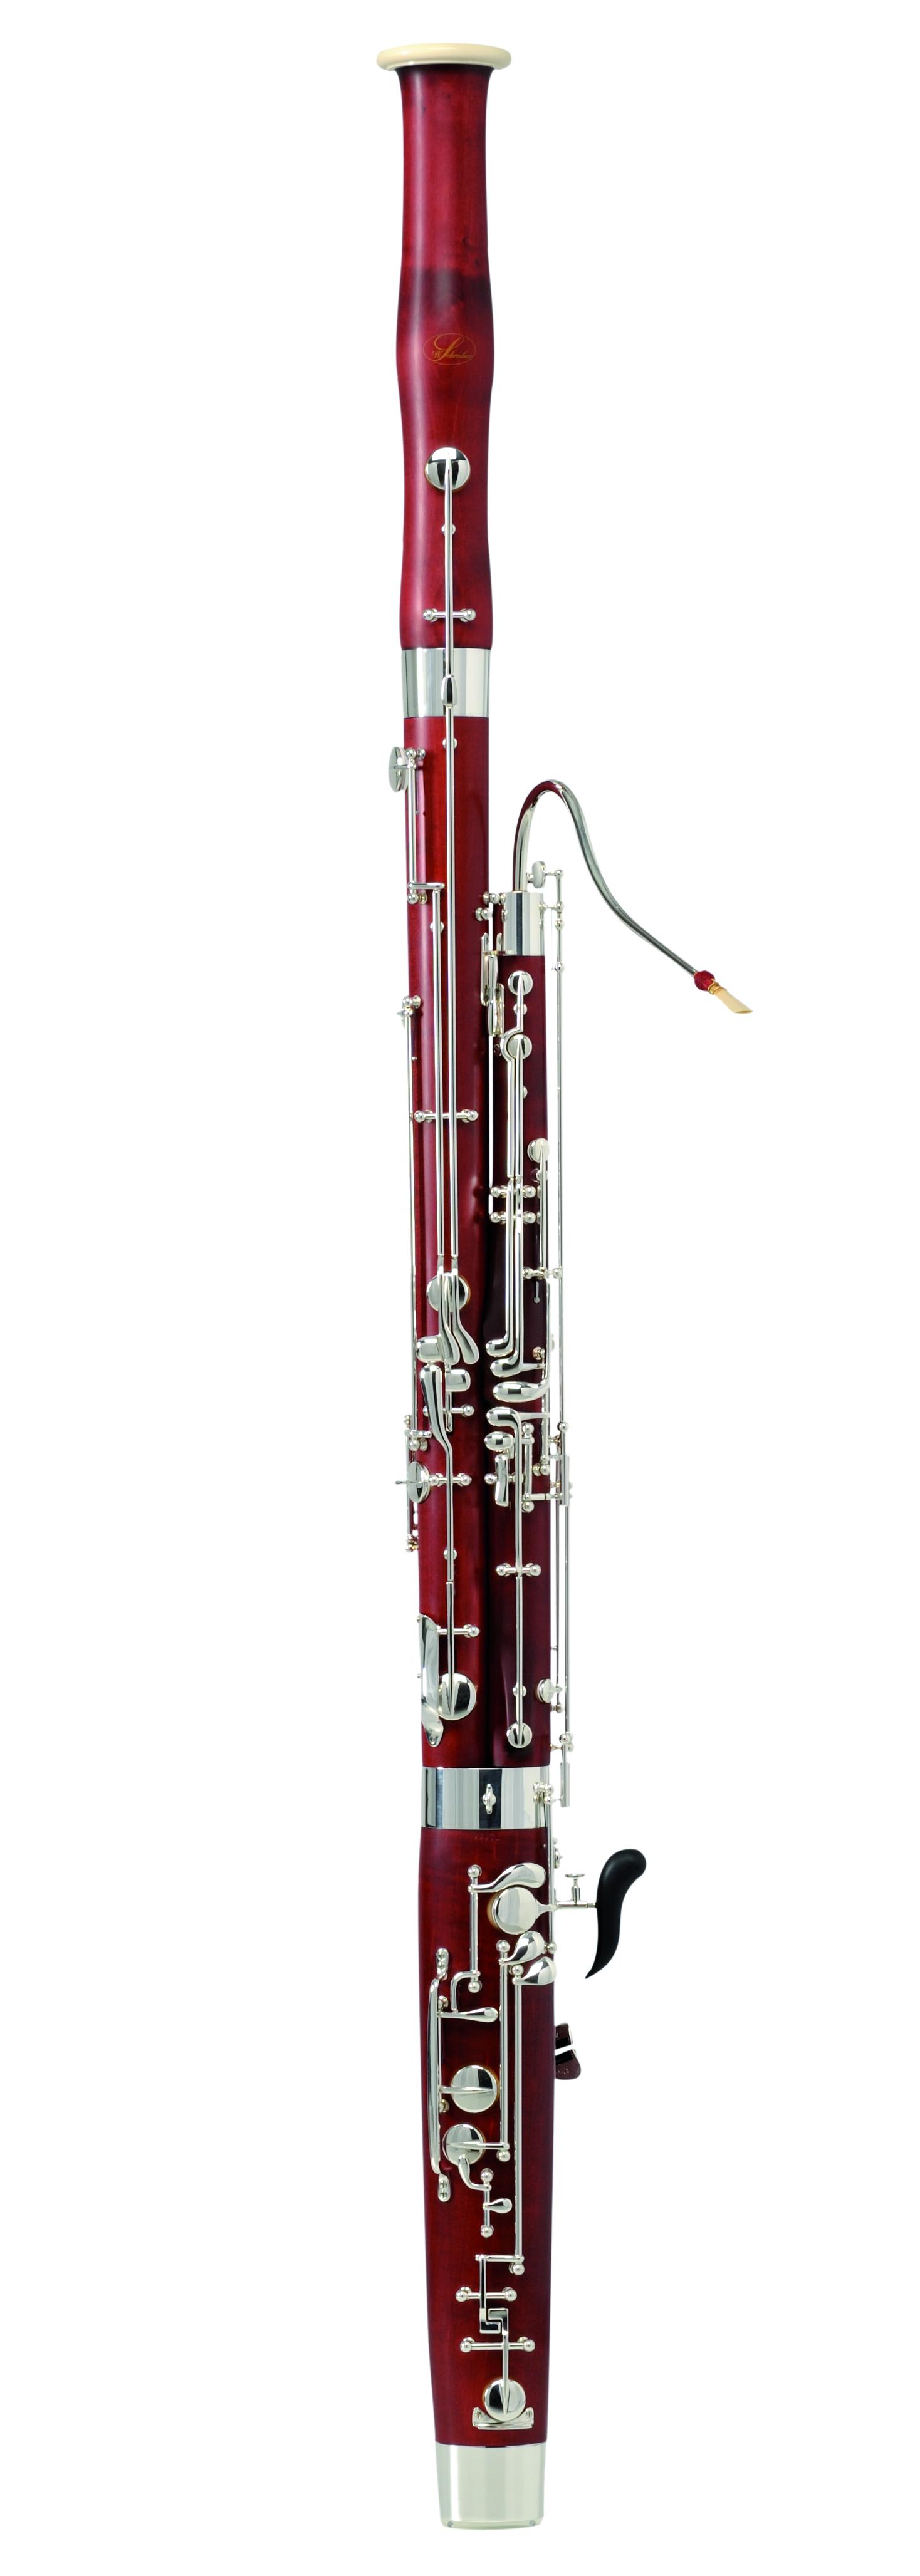 Schreiber - WS5016 - HE - 2 - 0 - S16 - Holzblasinstrumente - Fagotte | MUSIK BERTRAM Deutschland Freiburg